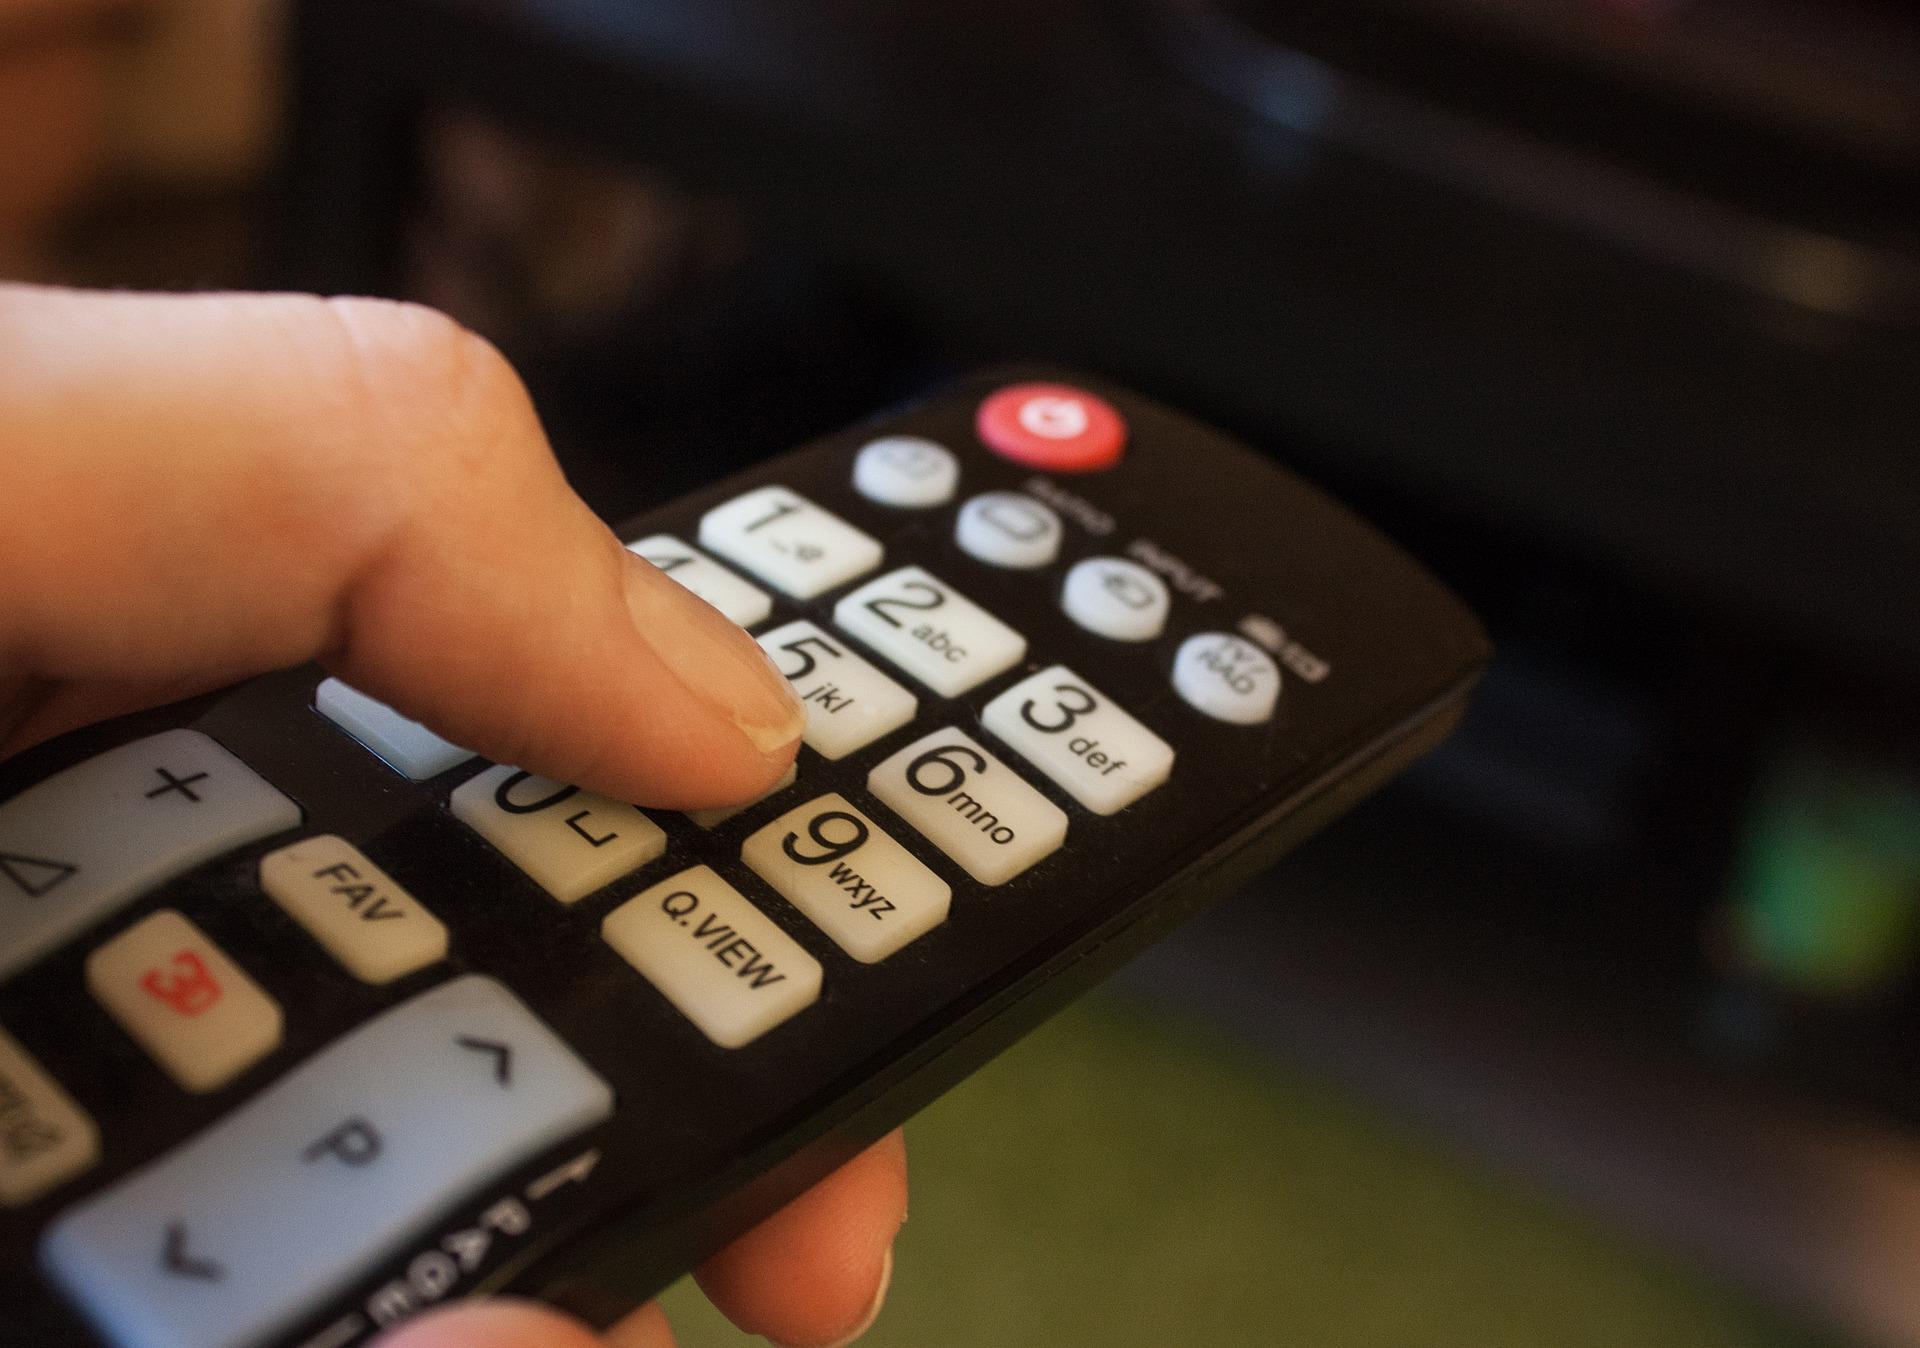 Нацсовет отказался от идеи обязать иностранные телеканалы запустить украиноязычные дорожки